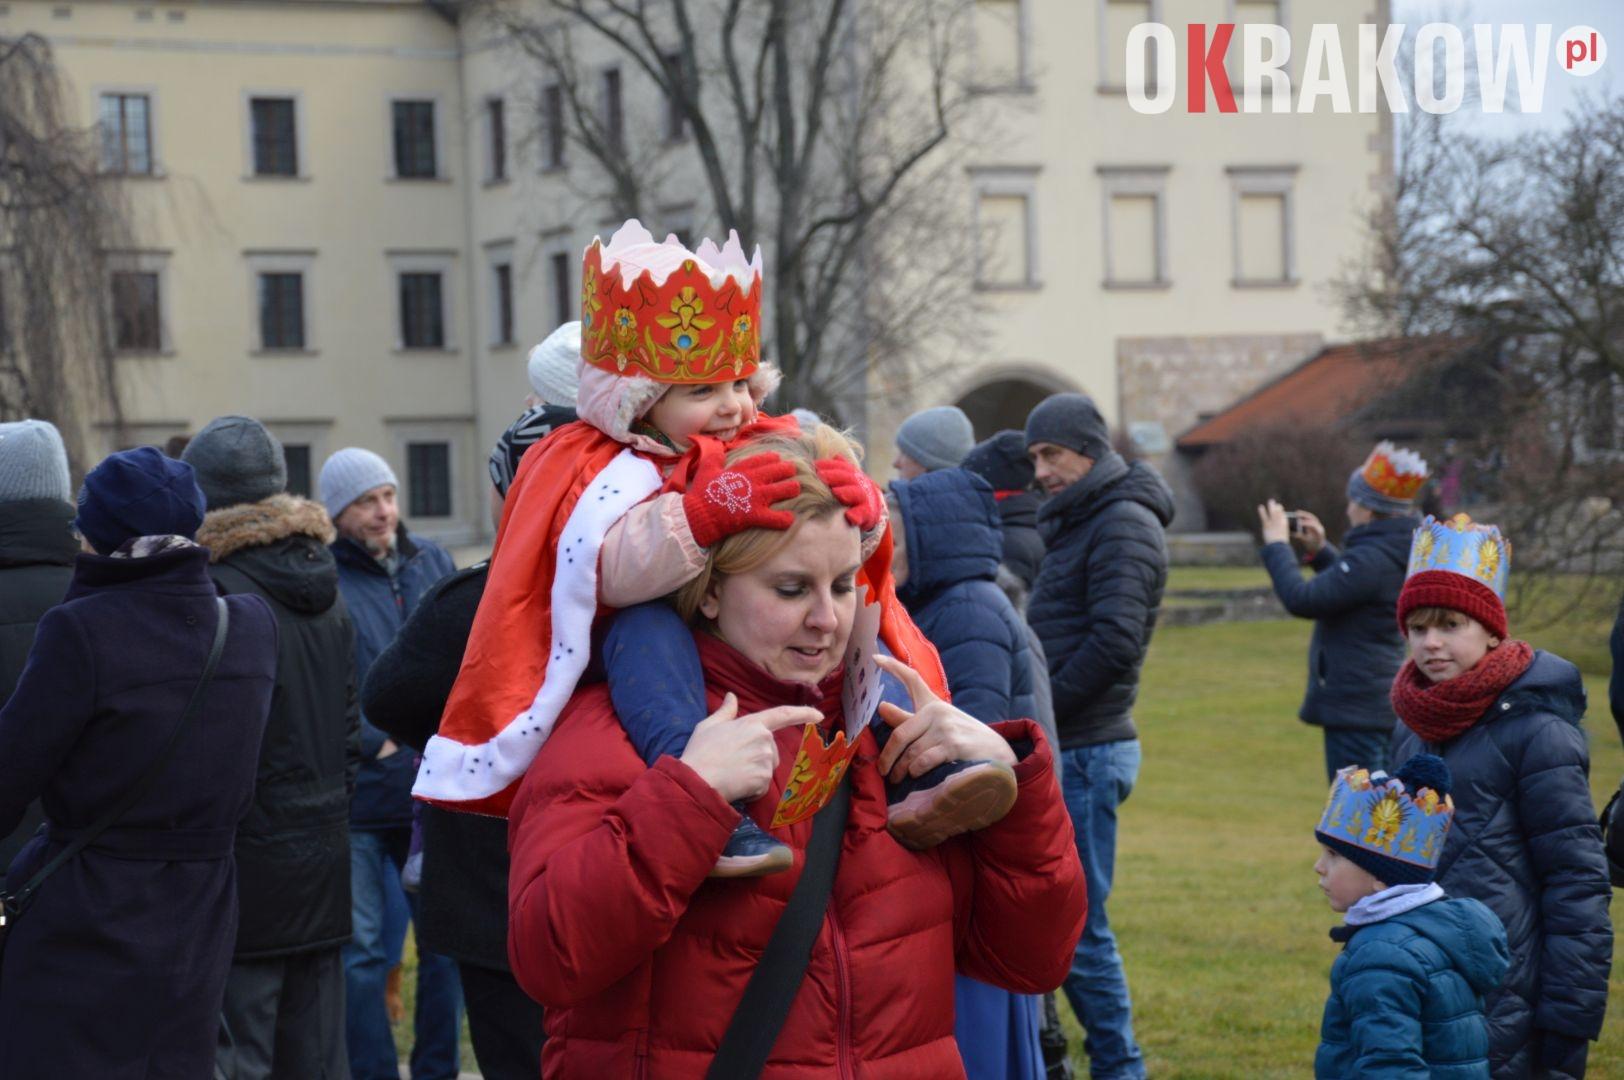 orszak 8 1 150x150 - Orszak Trzech Króli Kraków 2020 Galeria Zdjęć z Orszaku (czerwonego)